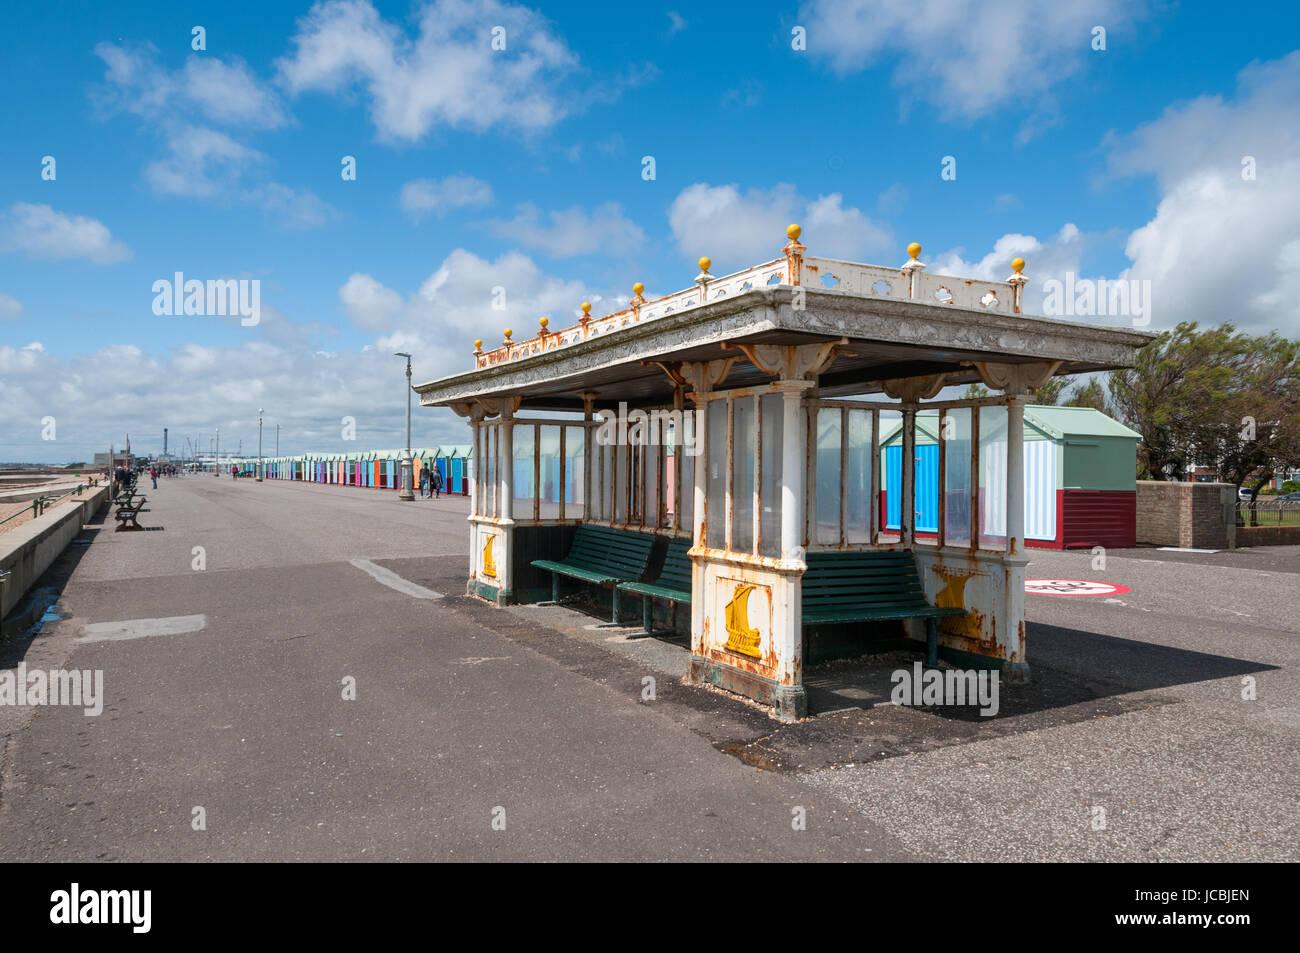 L'abri du vent, la plage de Brighton, Royaume-Uni Photo Stock